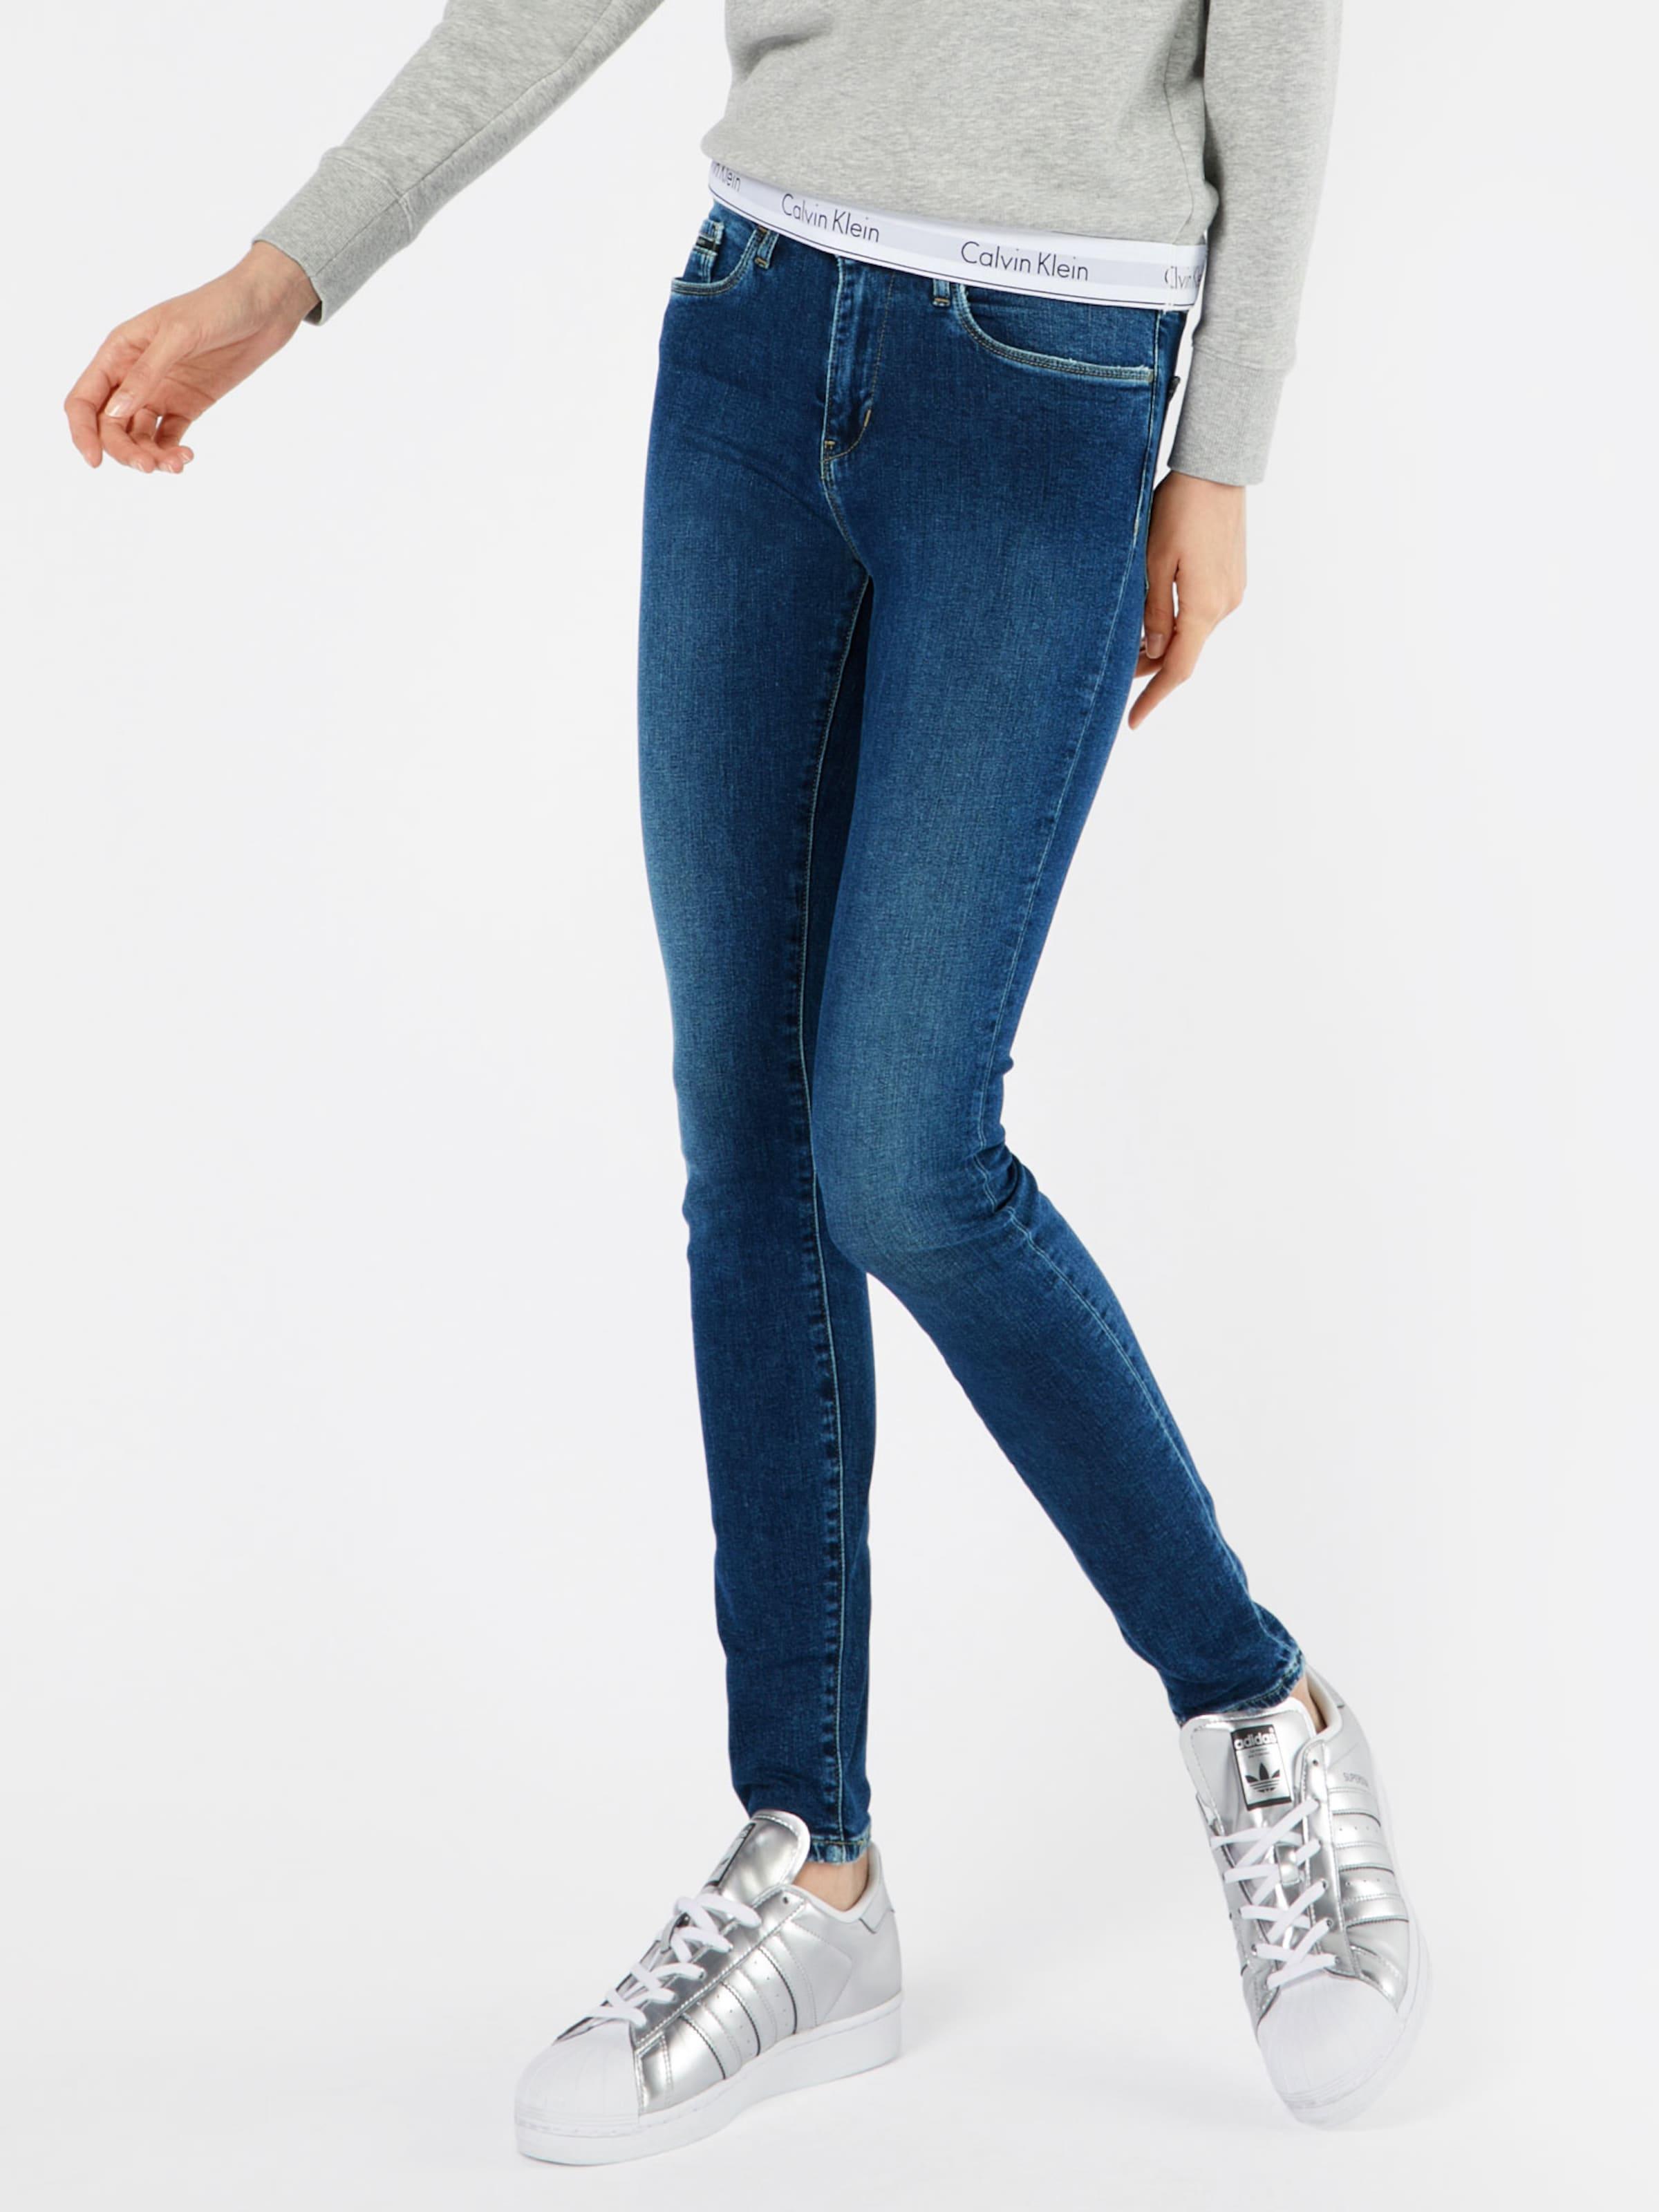 Calvin Klein Jeans 'HR Skinny - Speedy Blue' Skinny Jeans 2018 Online Outlet Online-Shop Verkauf Schnelle Lieferung mEa4BXy0T1